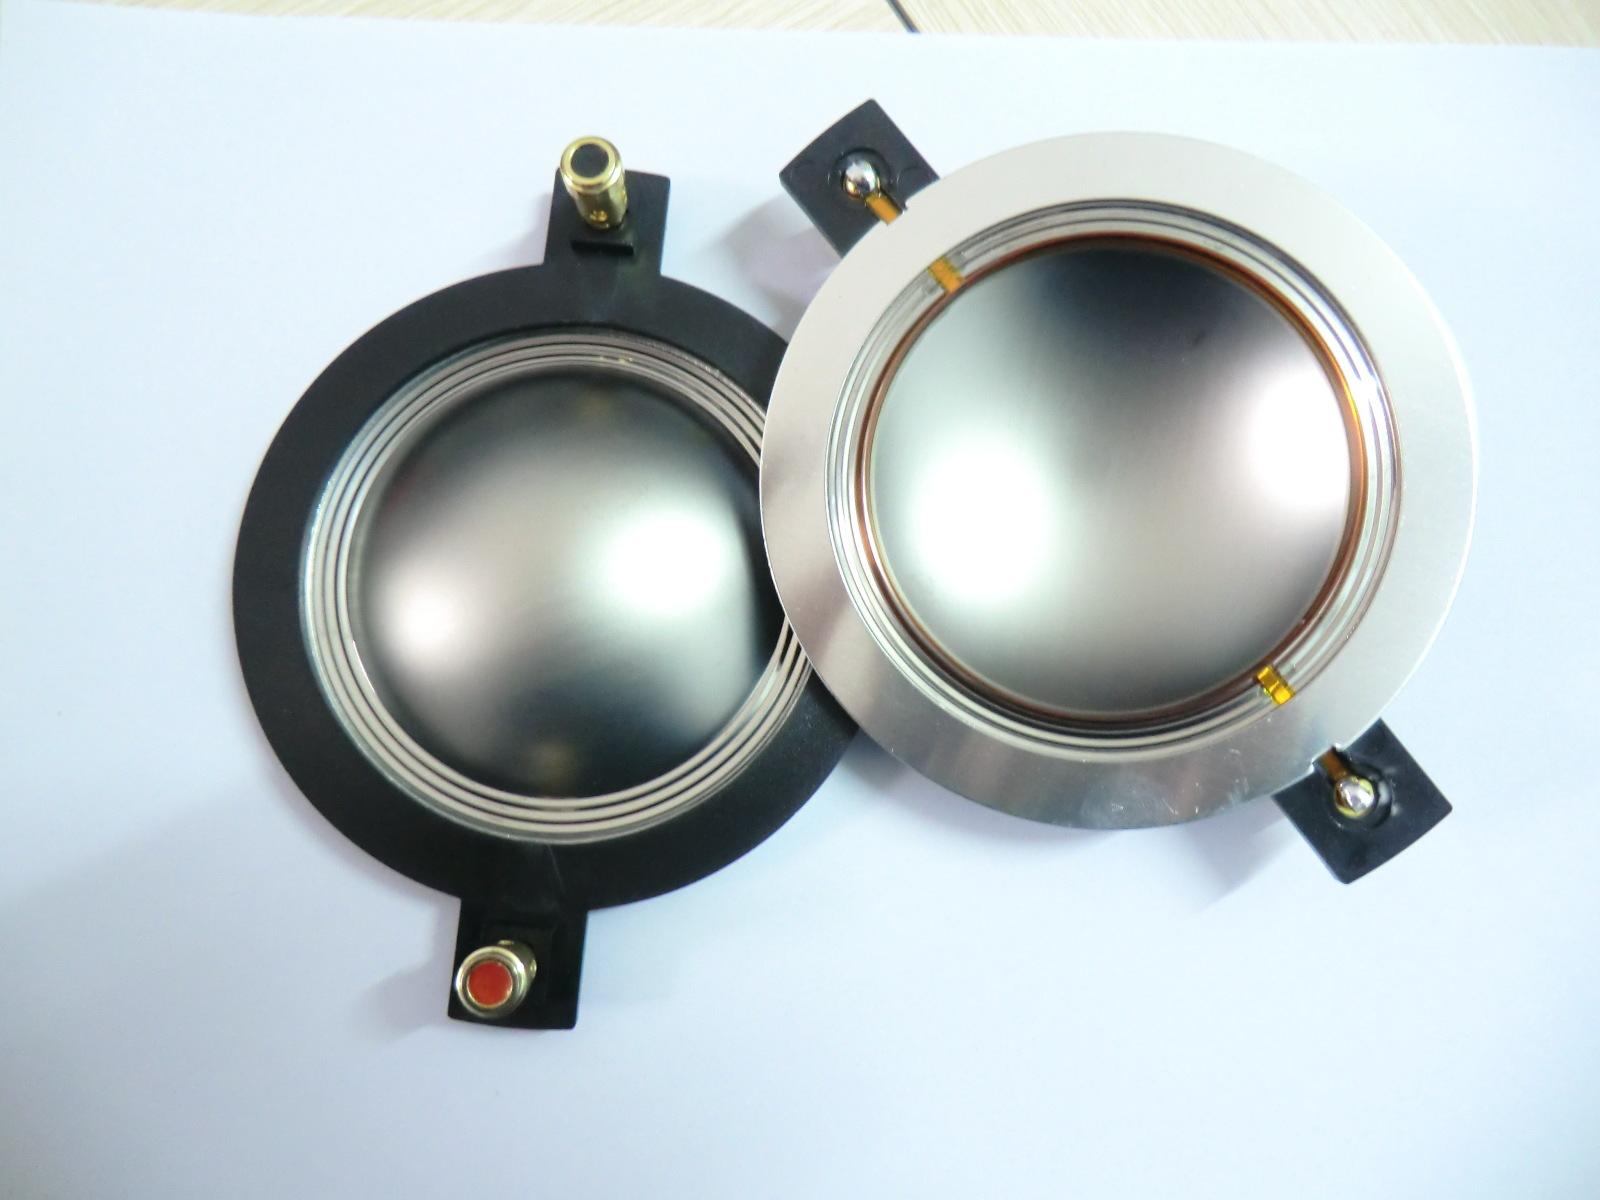 Các nhà sản xuất bán hàng loạt các thành phần phim âm thanh Horn màng Electroacoustic phim âm thanh